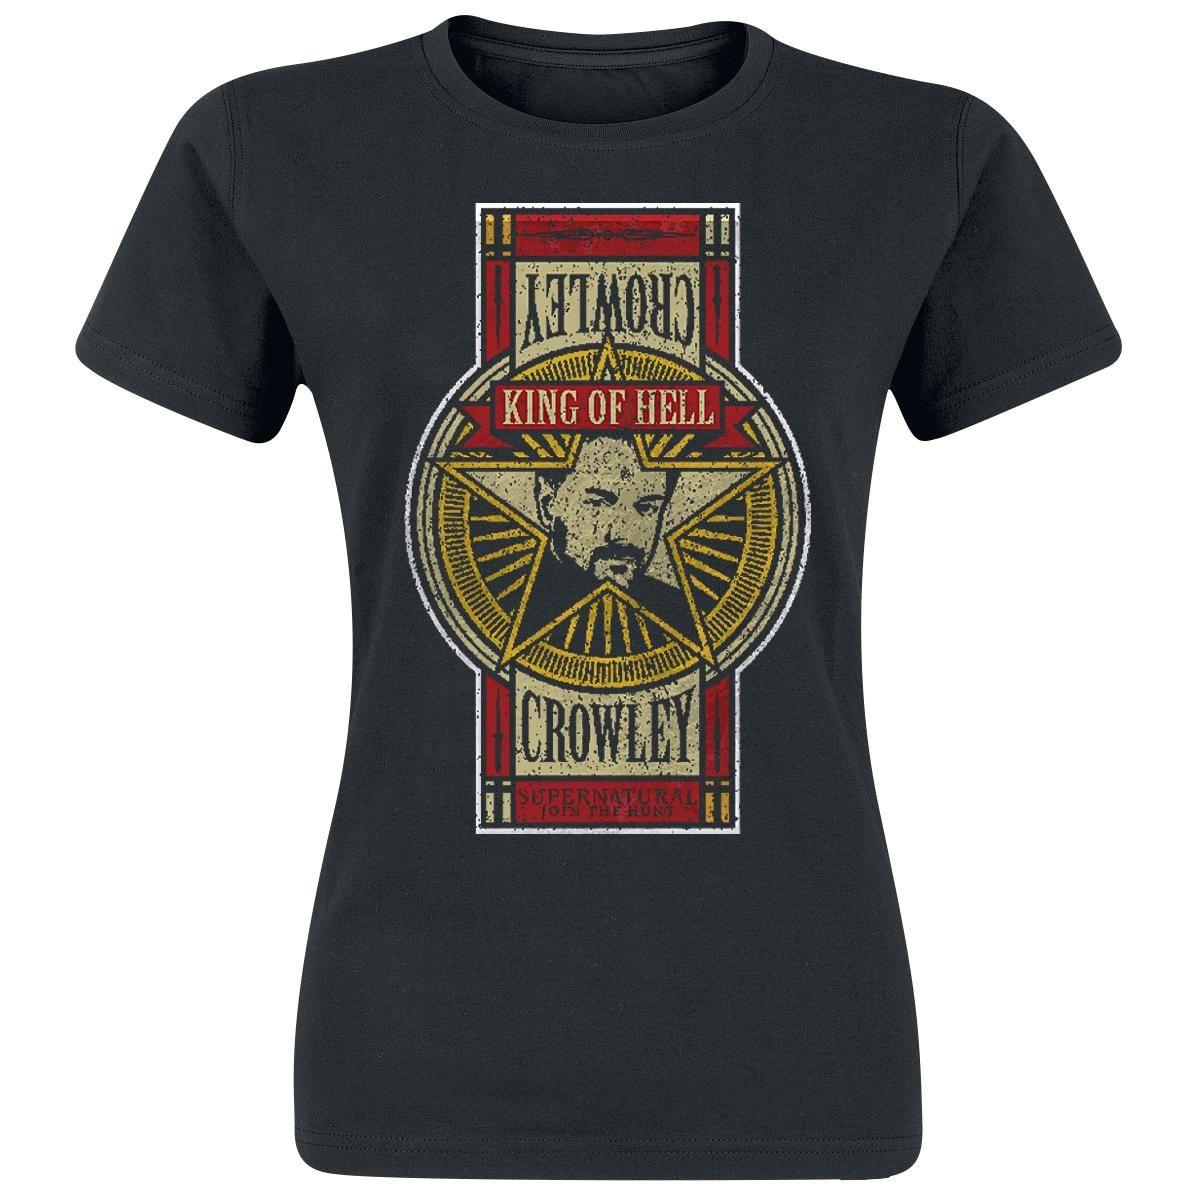 Crowley - T-Shirt Manches courtes par Supernatural